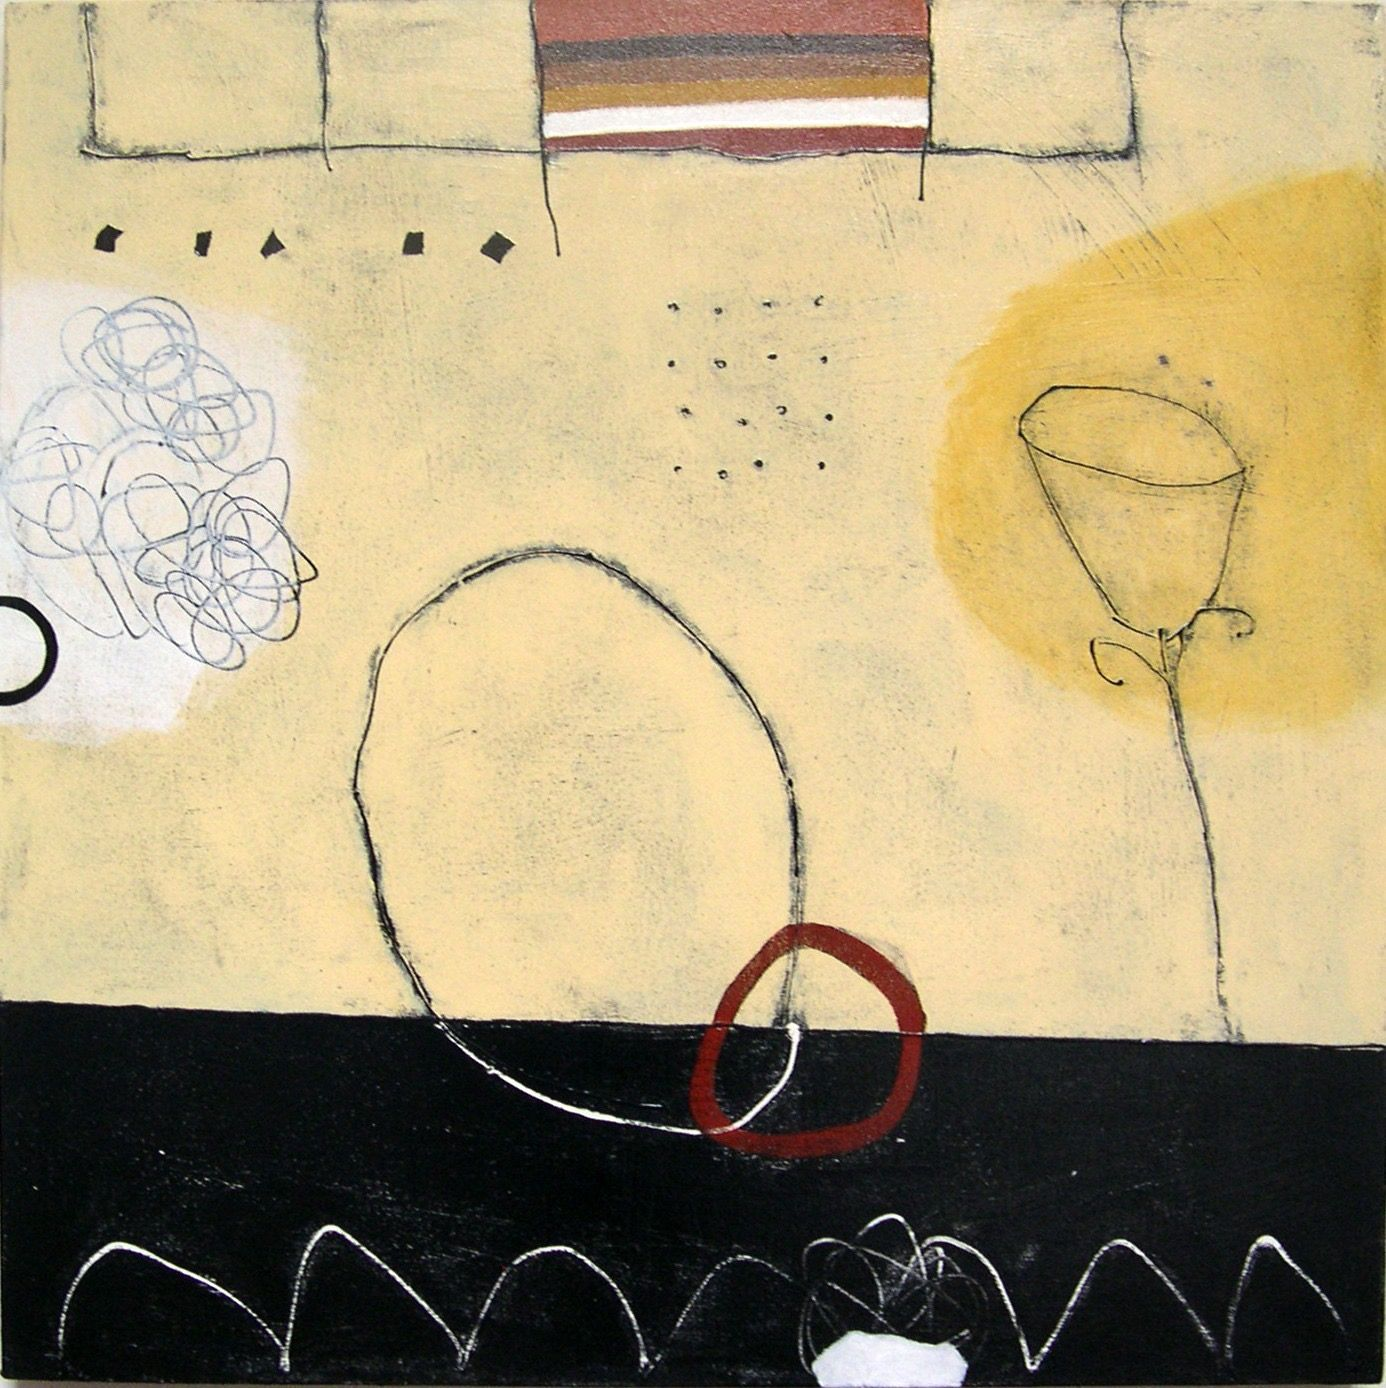 Pin By Bill Weber On More Art Murals